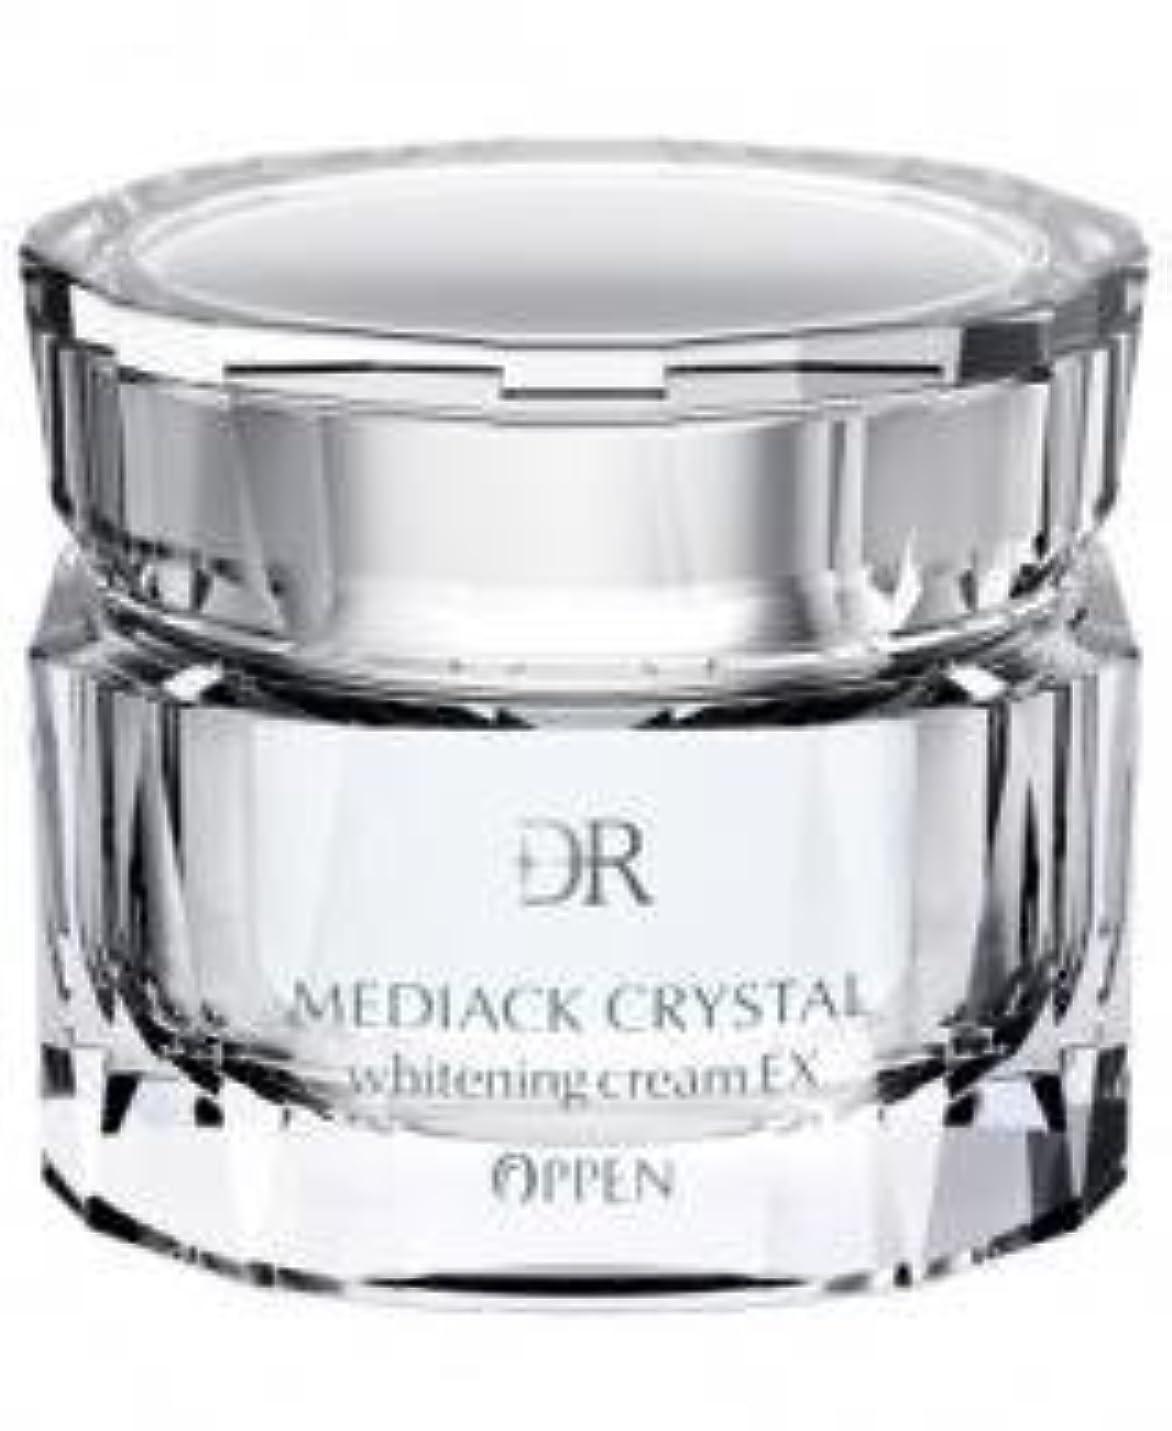 オッペン化粧品【OPPEN】 DRメディアッククリスタル ホワイトニングクリーム 35g